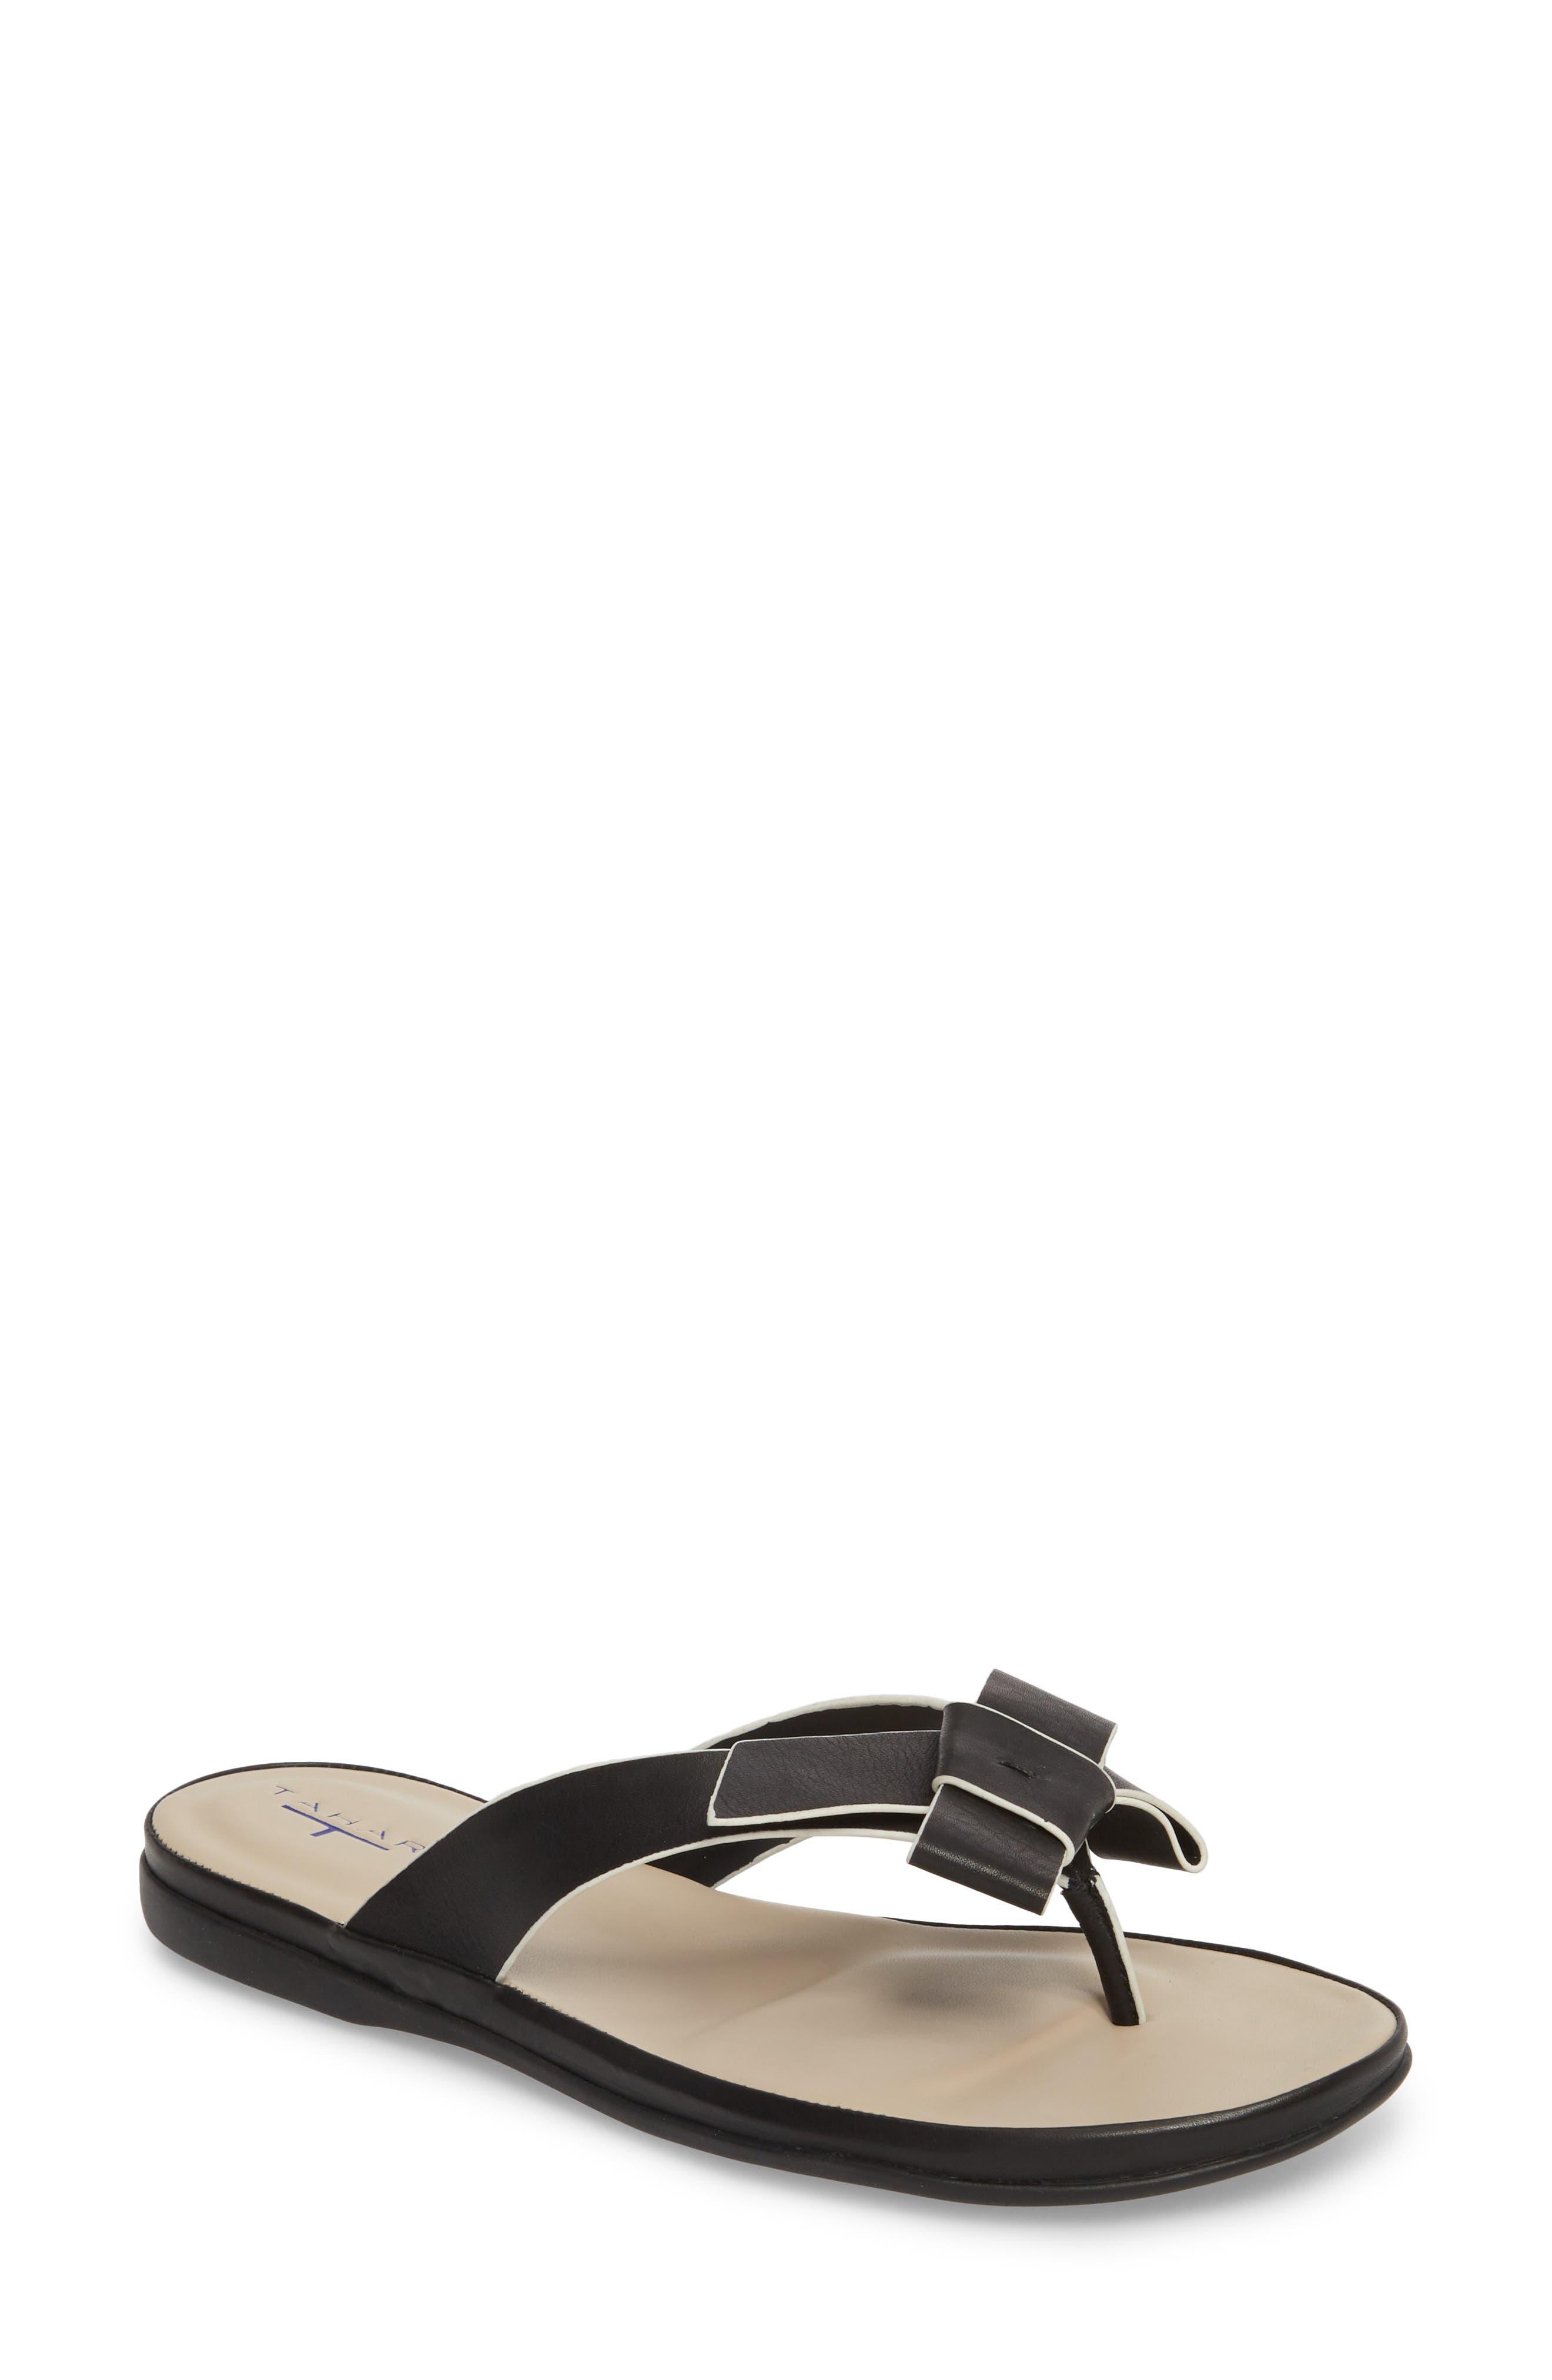 T TAHARI Aria Flip Flop, Main, color, 001